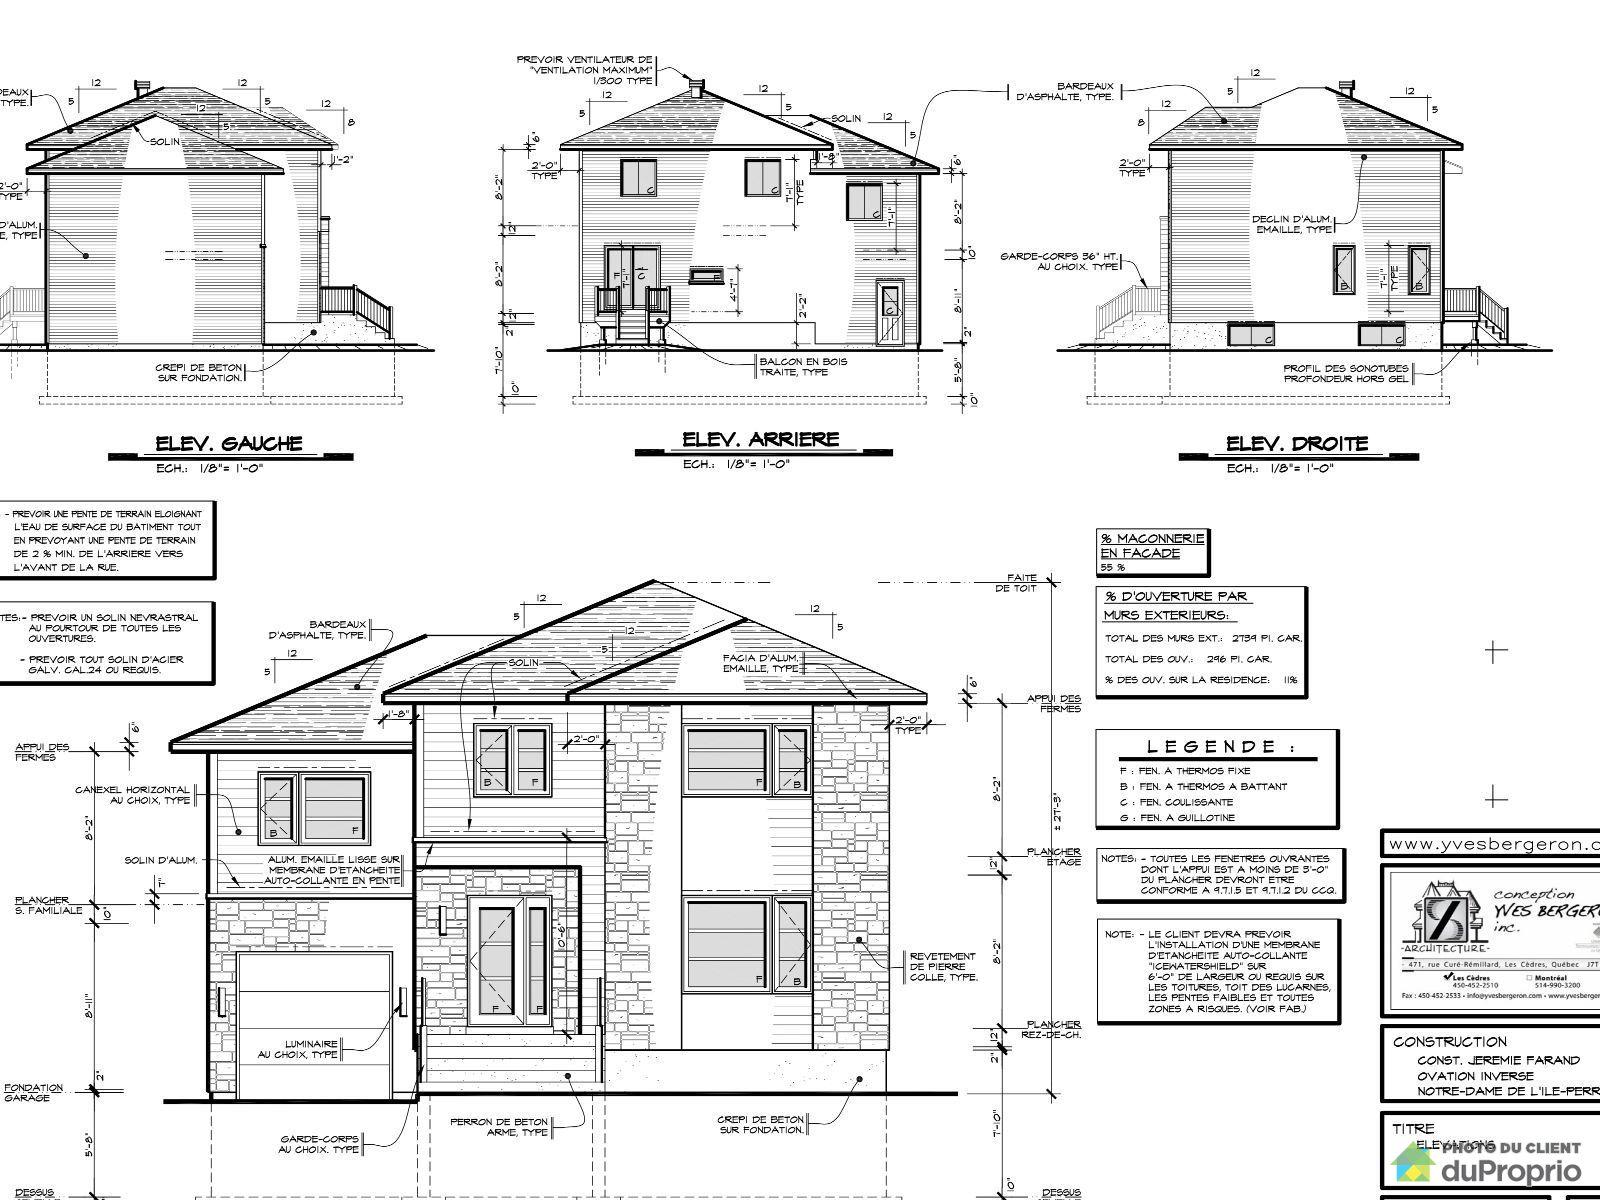 Cool plan exterieur maison with plan exterieur maison for Plan exterieur maison